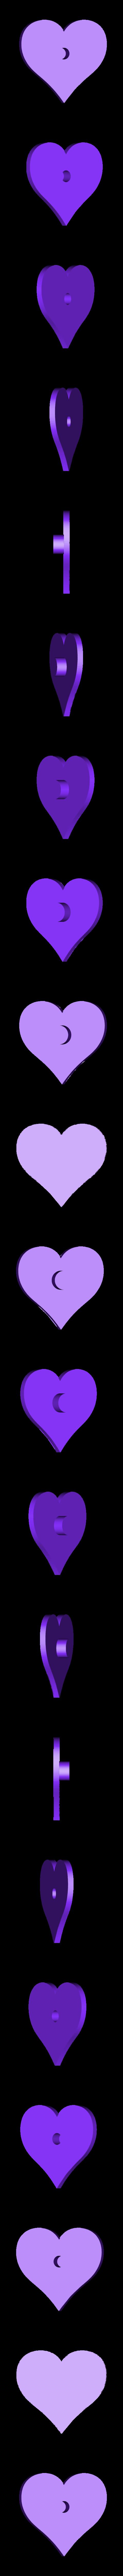 Heart.stl Télécharger fichier STL gratuit Biplan avec Coeur • Modèle à imprimer en 3D, GabrielYun